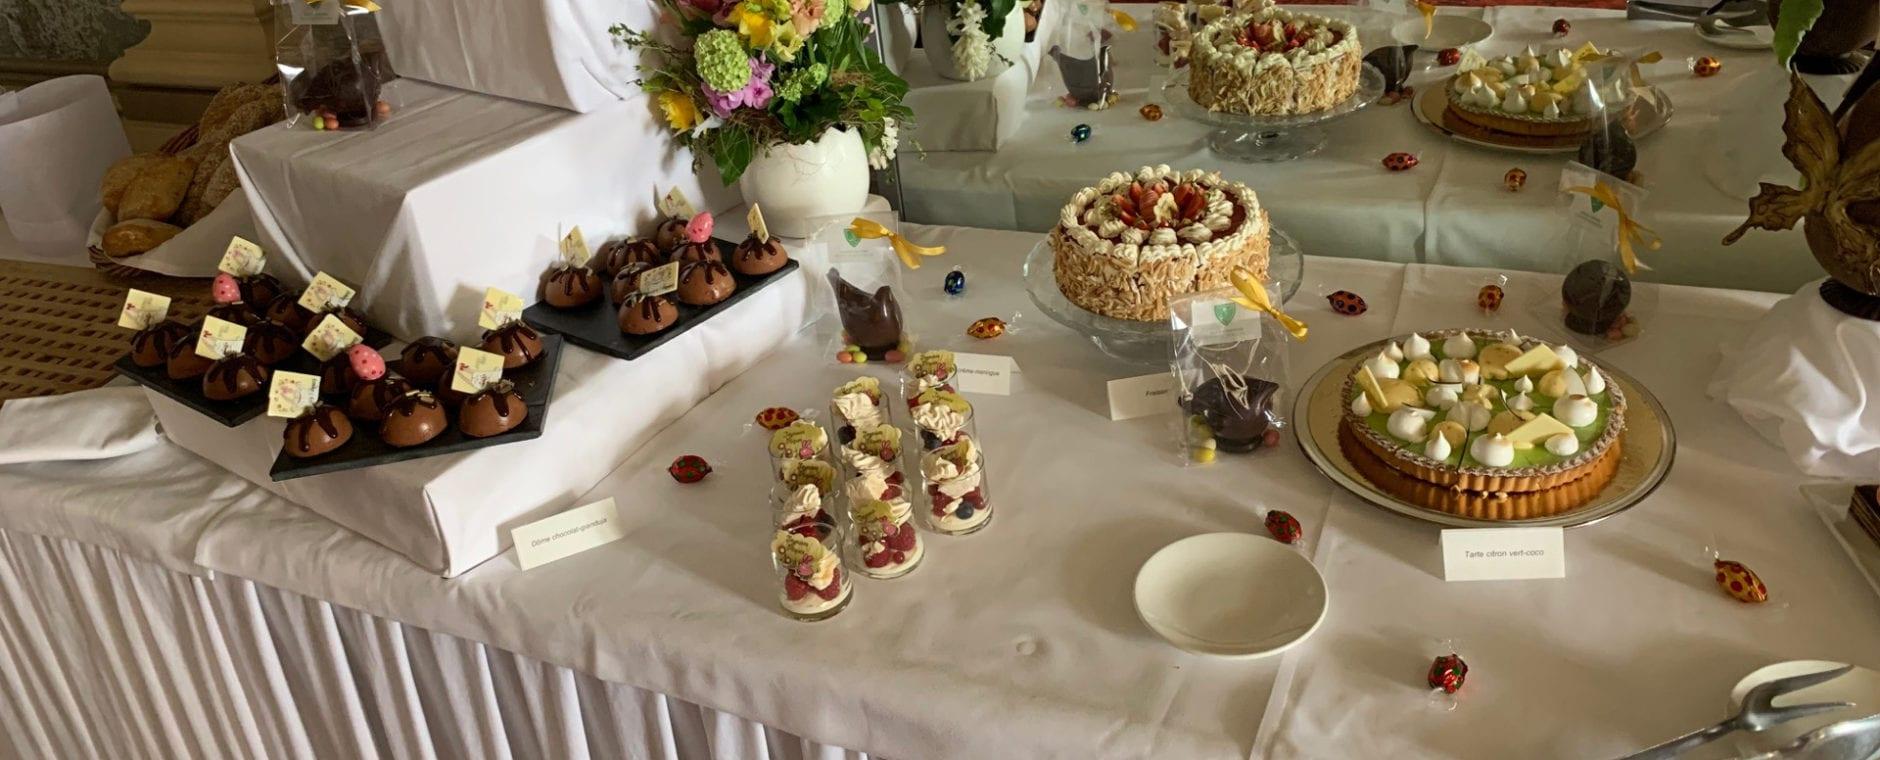 table des desserts banquet Bonmont